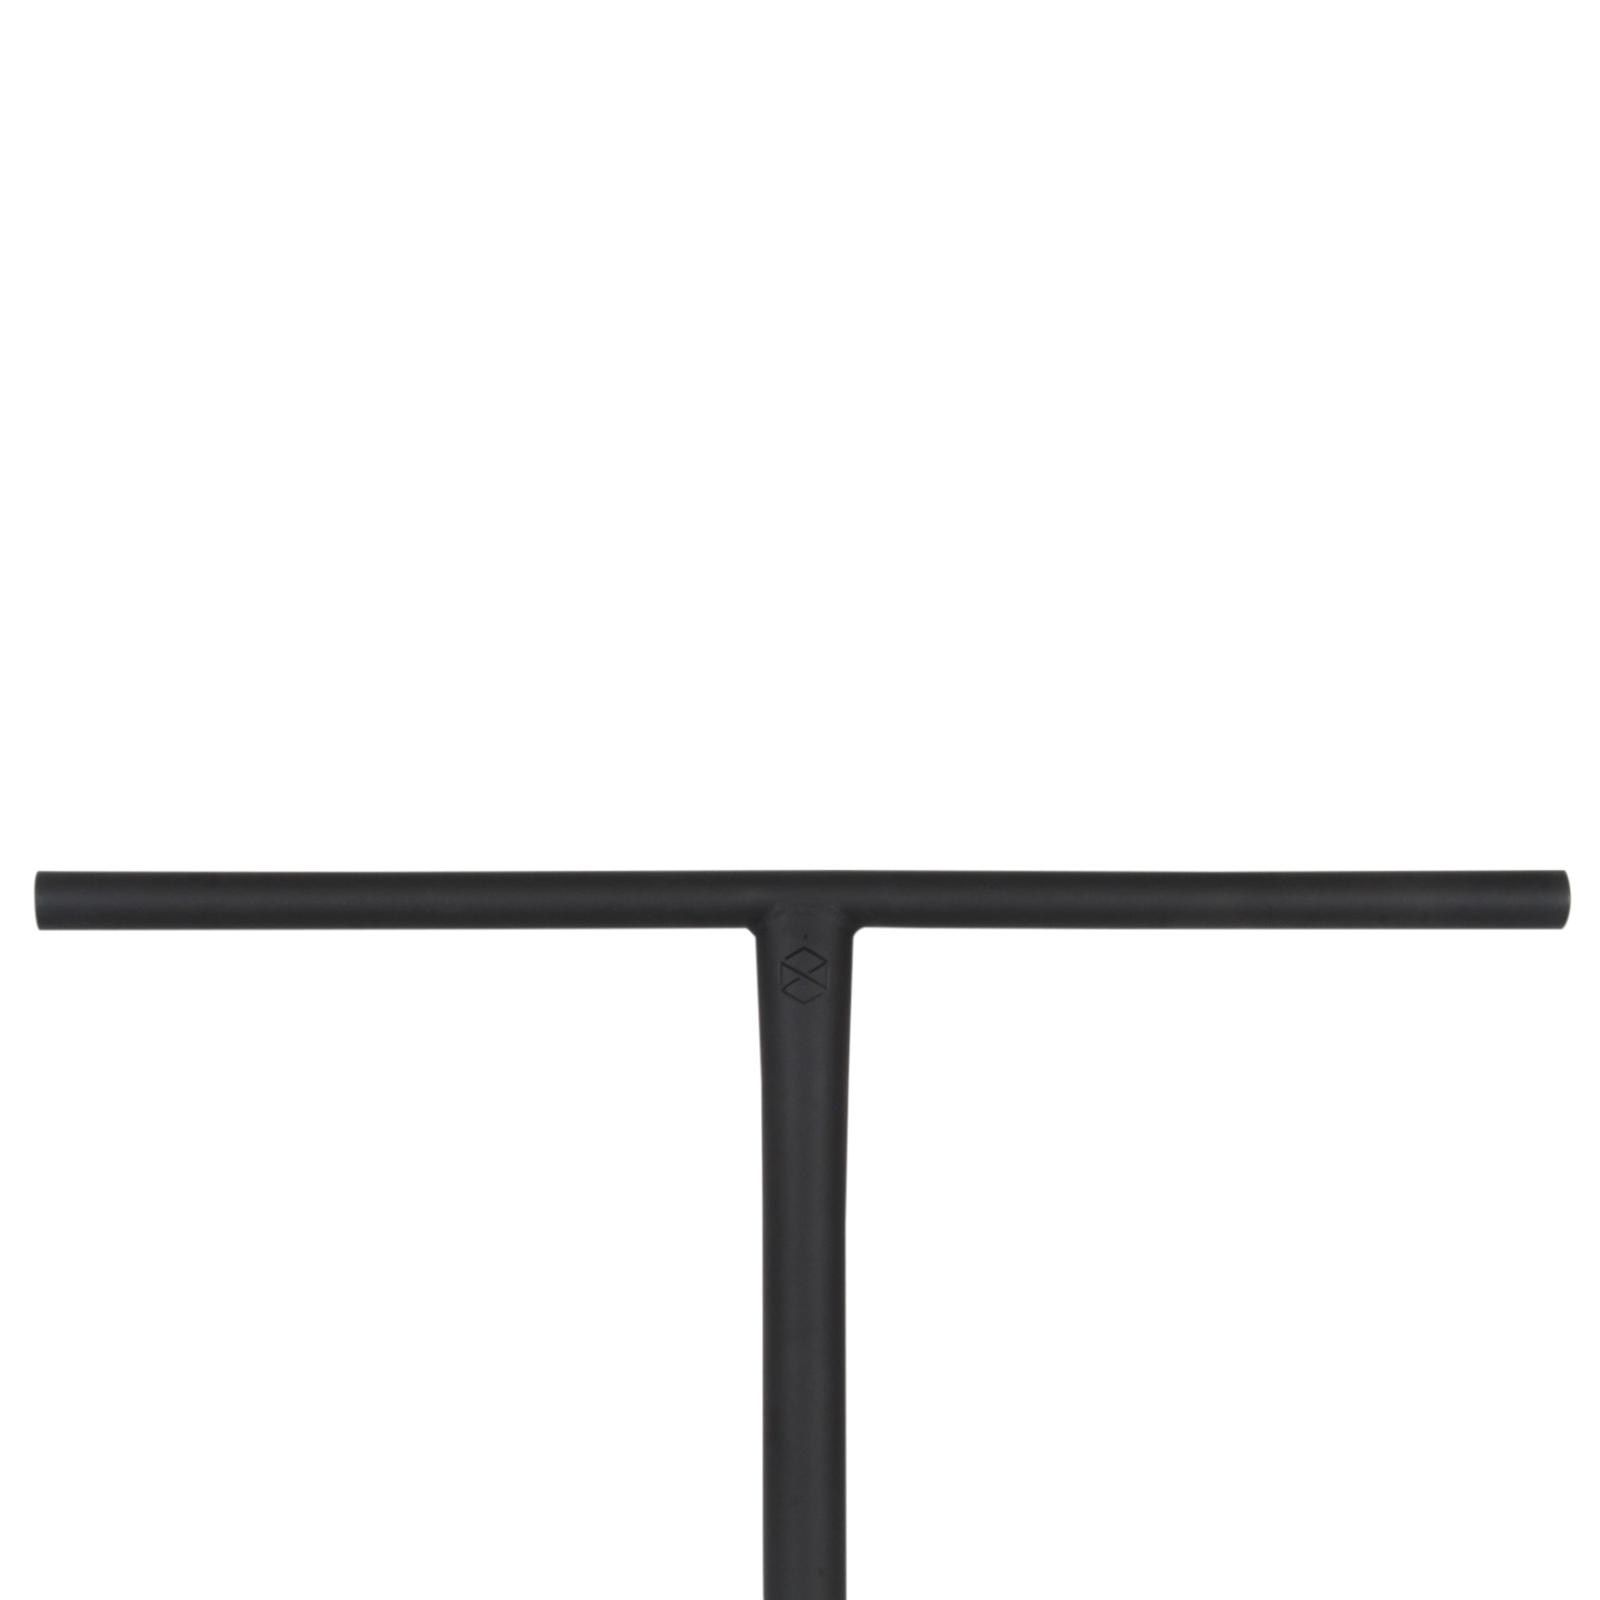 Руль для трюкового самоката  NATIVE Stem T-Bar (Black)